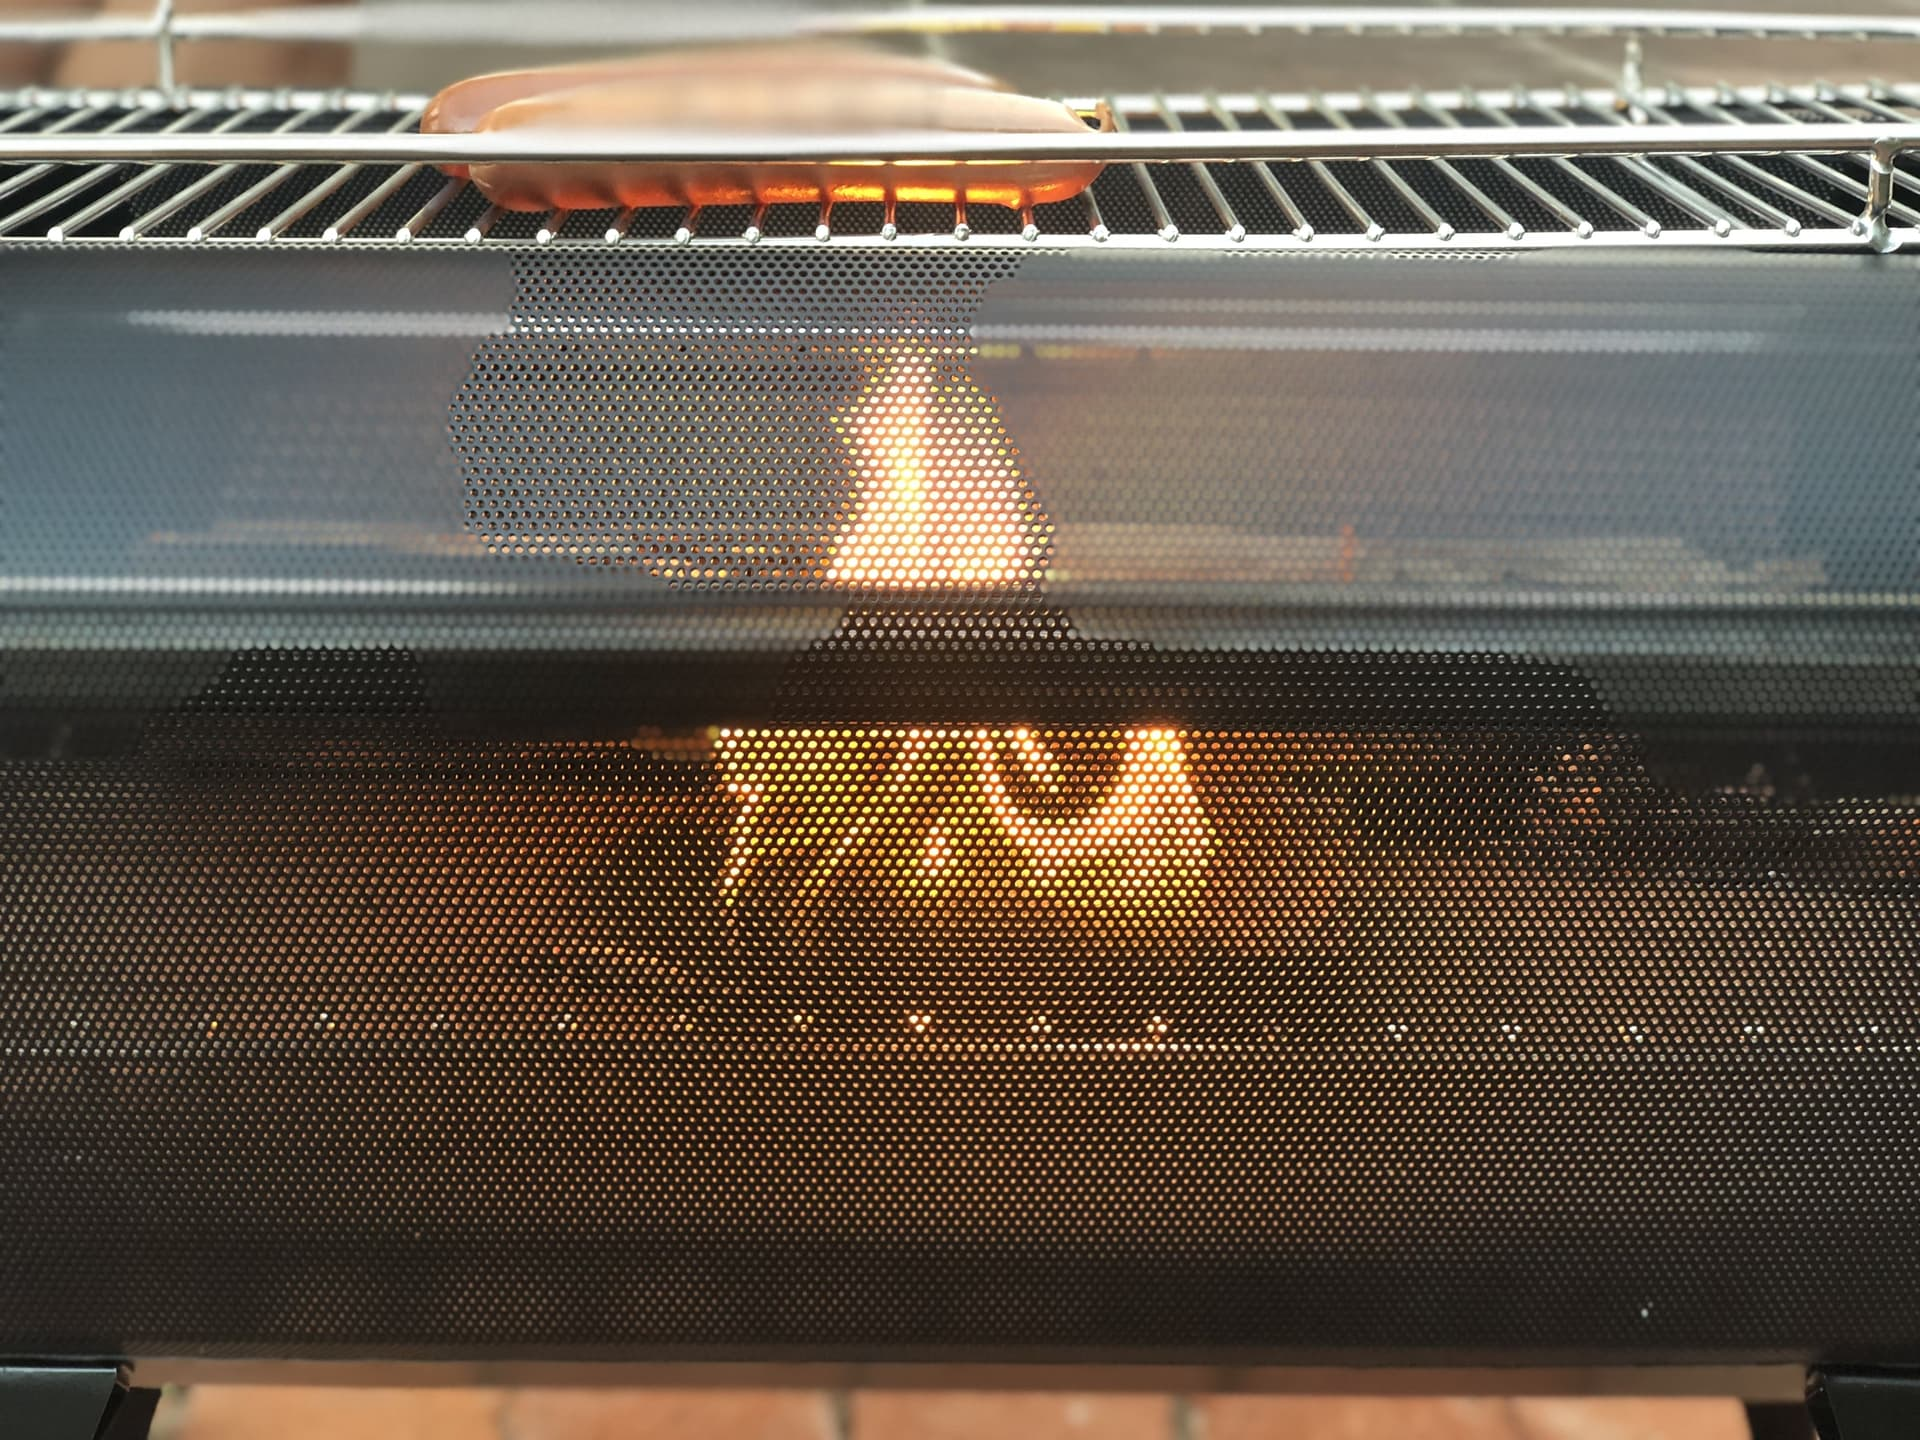 biolite grill no smoke